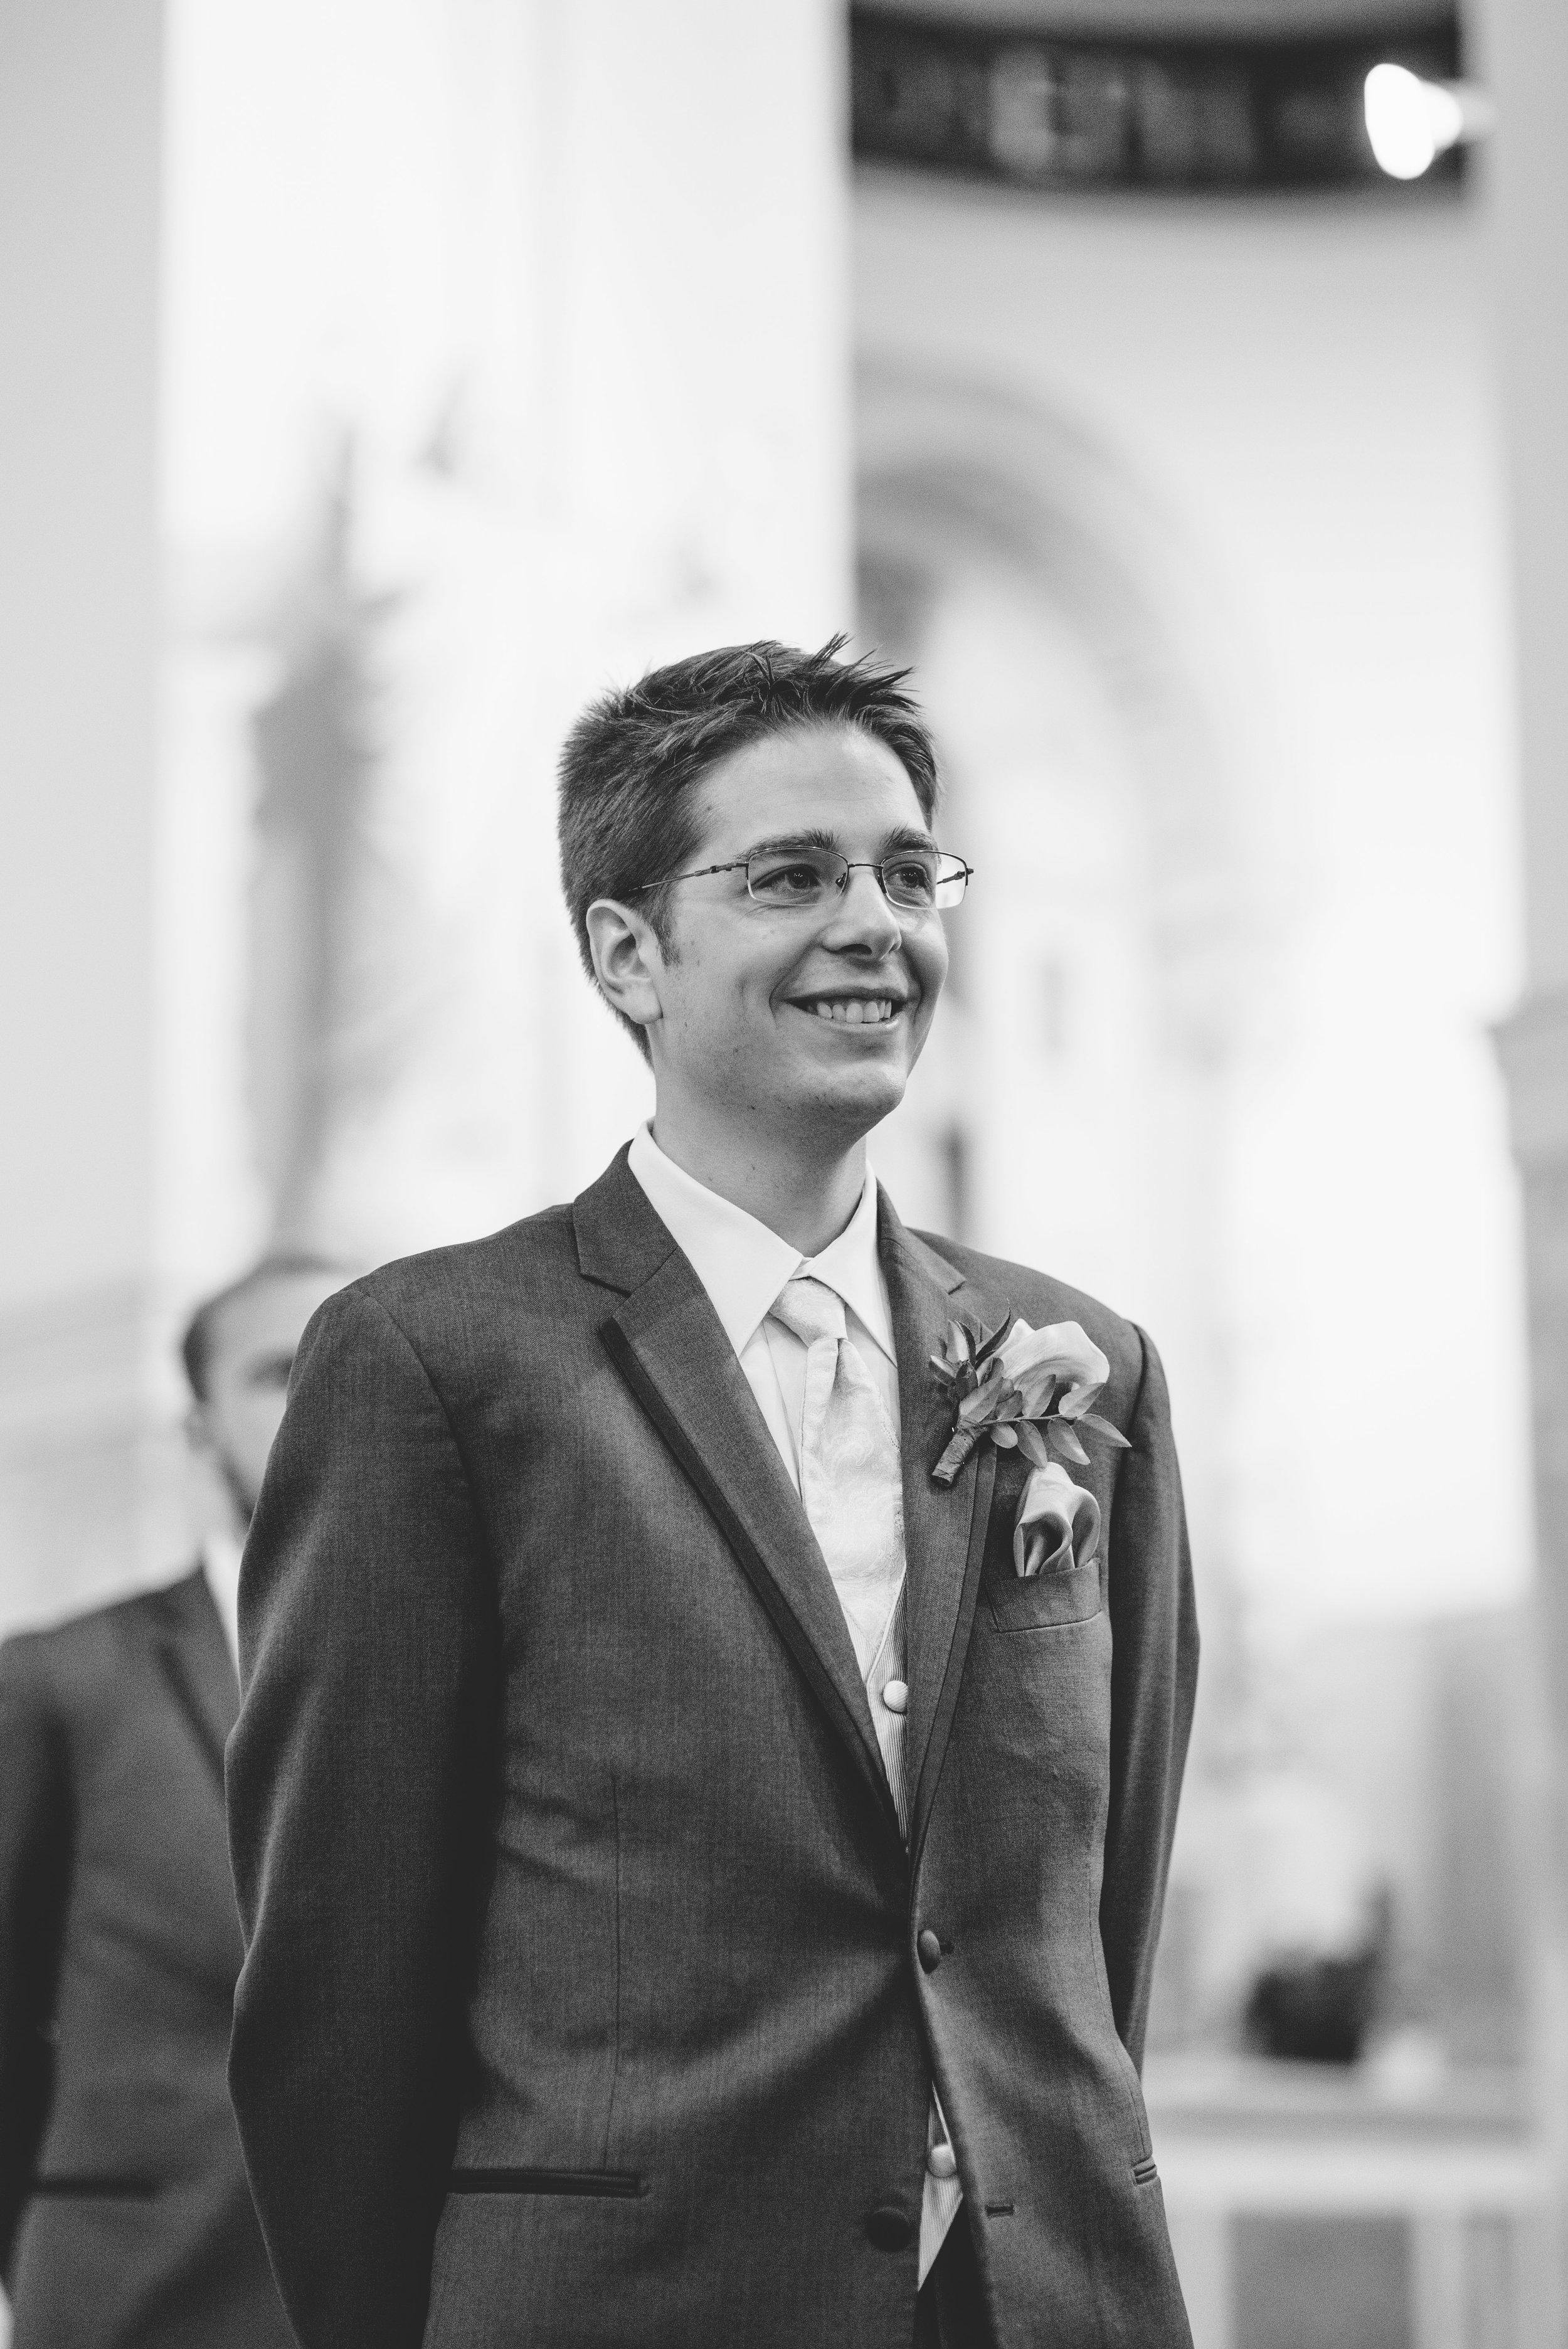 First look groom // The Miner Details weddings